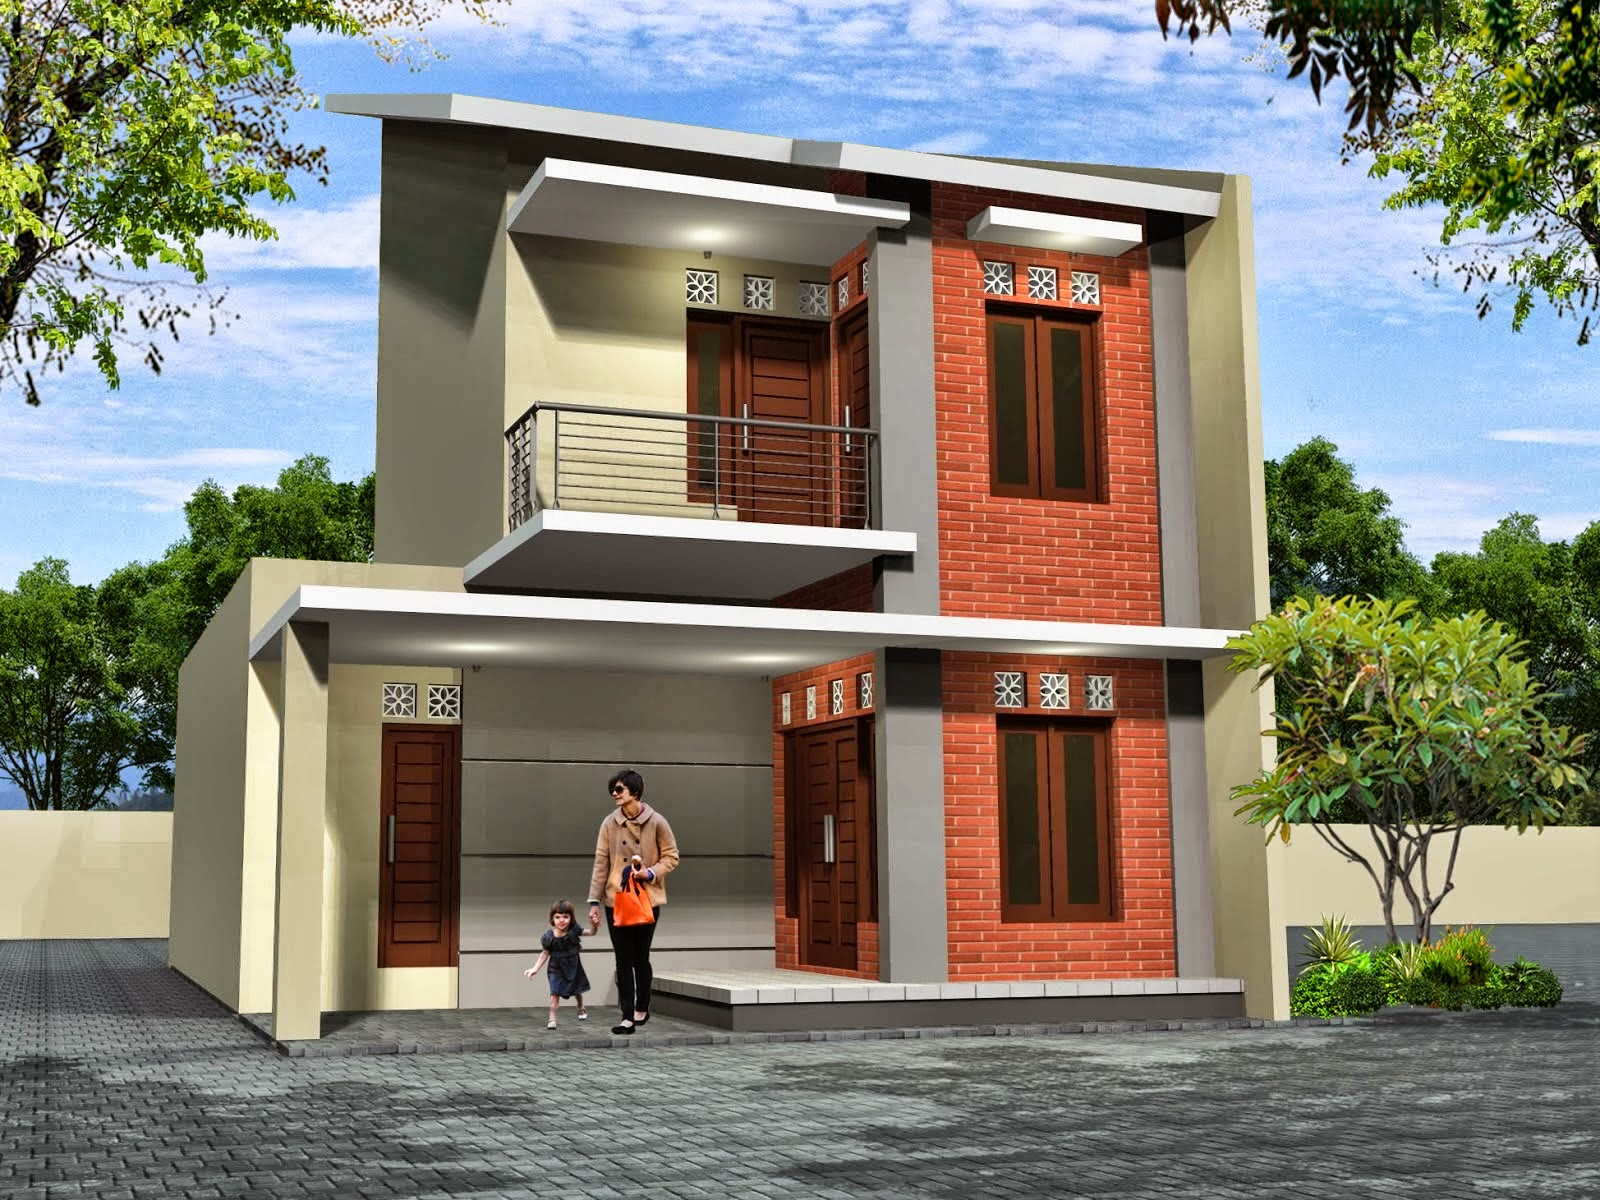 Desain Balkon Dengan Gaya Minimalis Dan Elegan Rumah Minimalis